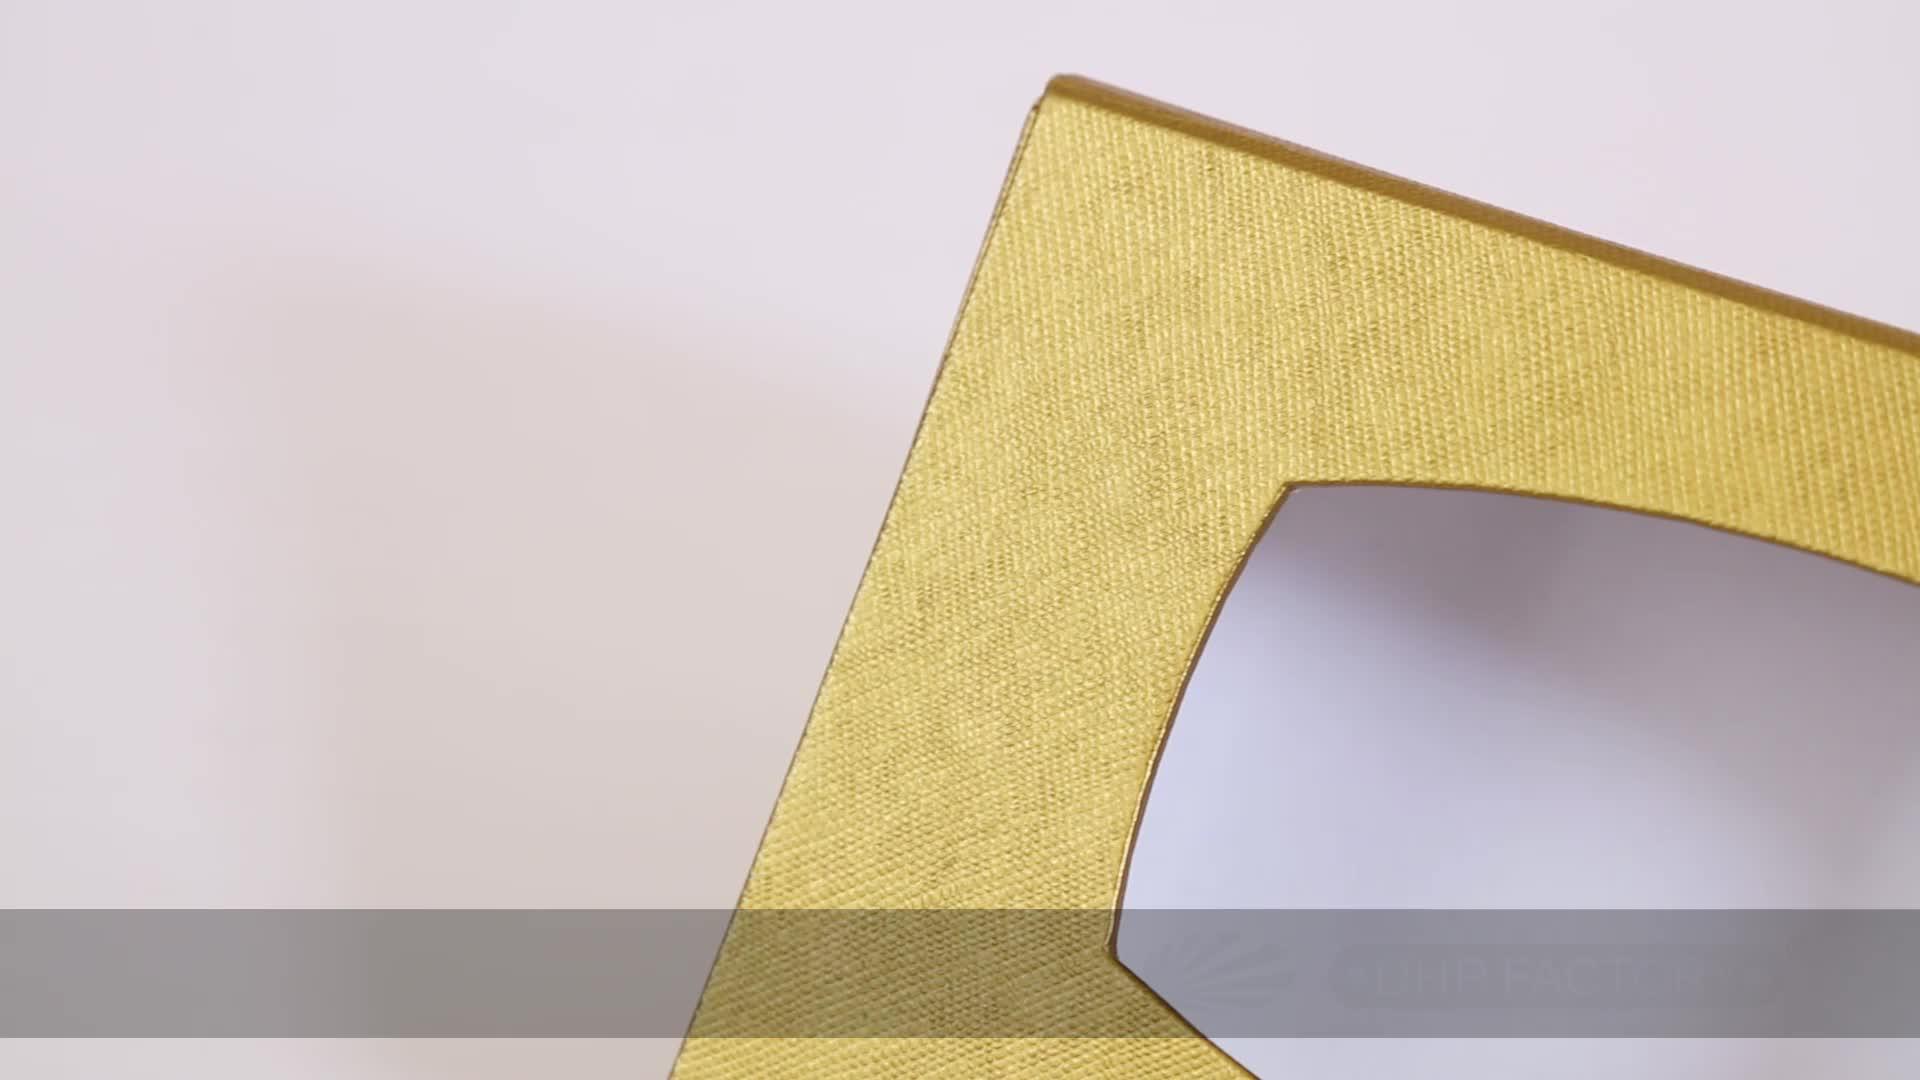 リサイクル紙ダンボールカスタムロゴのギフト包装折りたたみフラットパック剛性ボックス磁気閉鎖